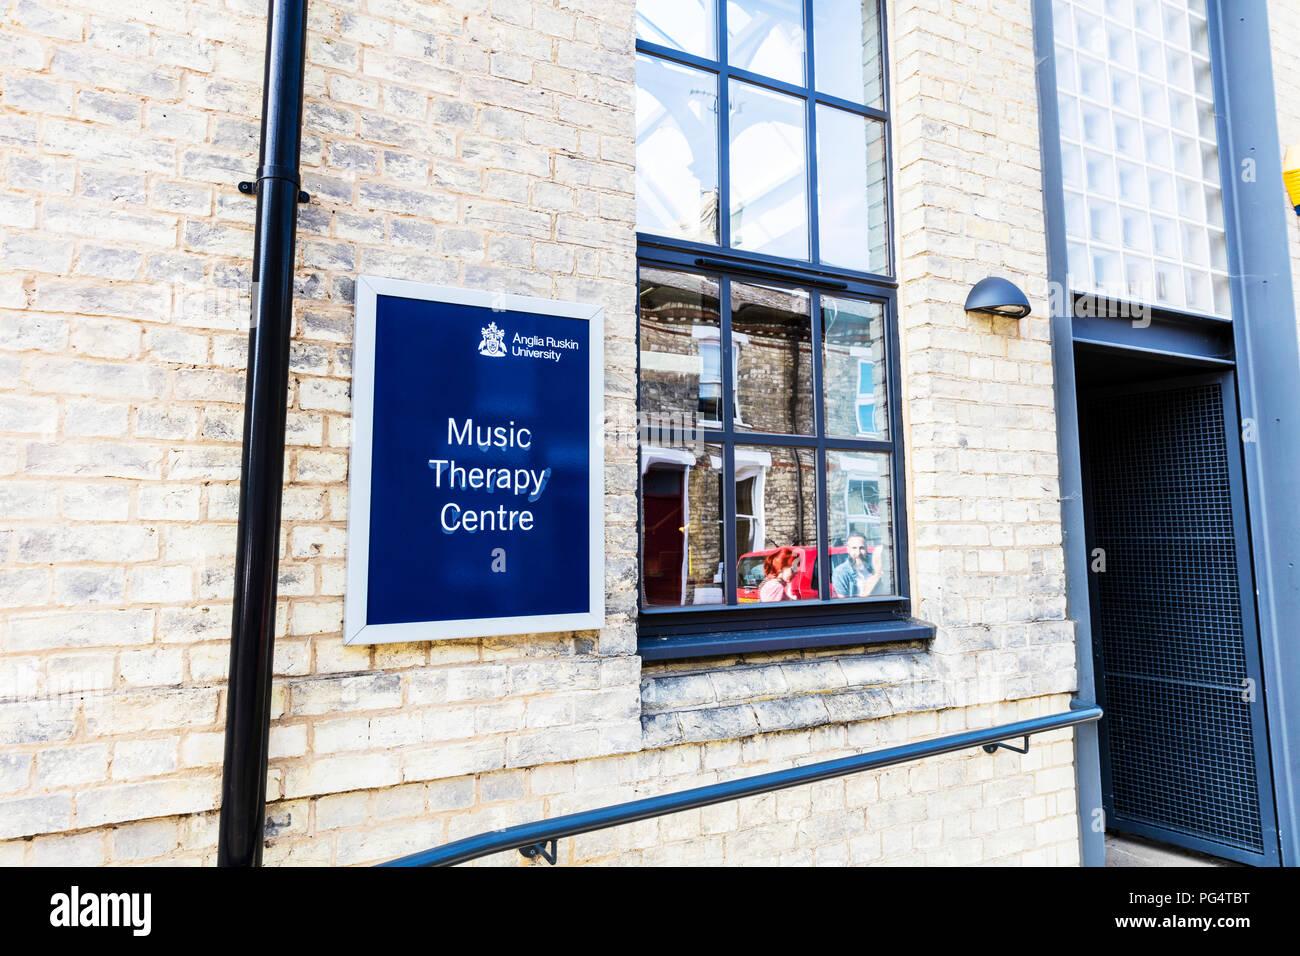 Music Therapy Centre Cambridge, Anglia Ruskin University, Music Therapy Centre sign, Music Therapy Centre Anglia Ruskin University Cambridge, UK - Stock Image